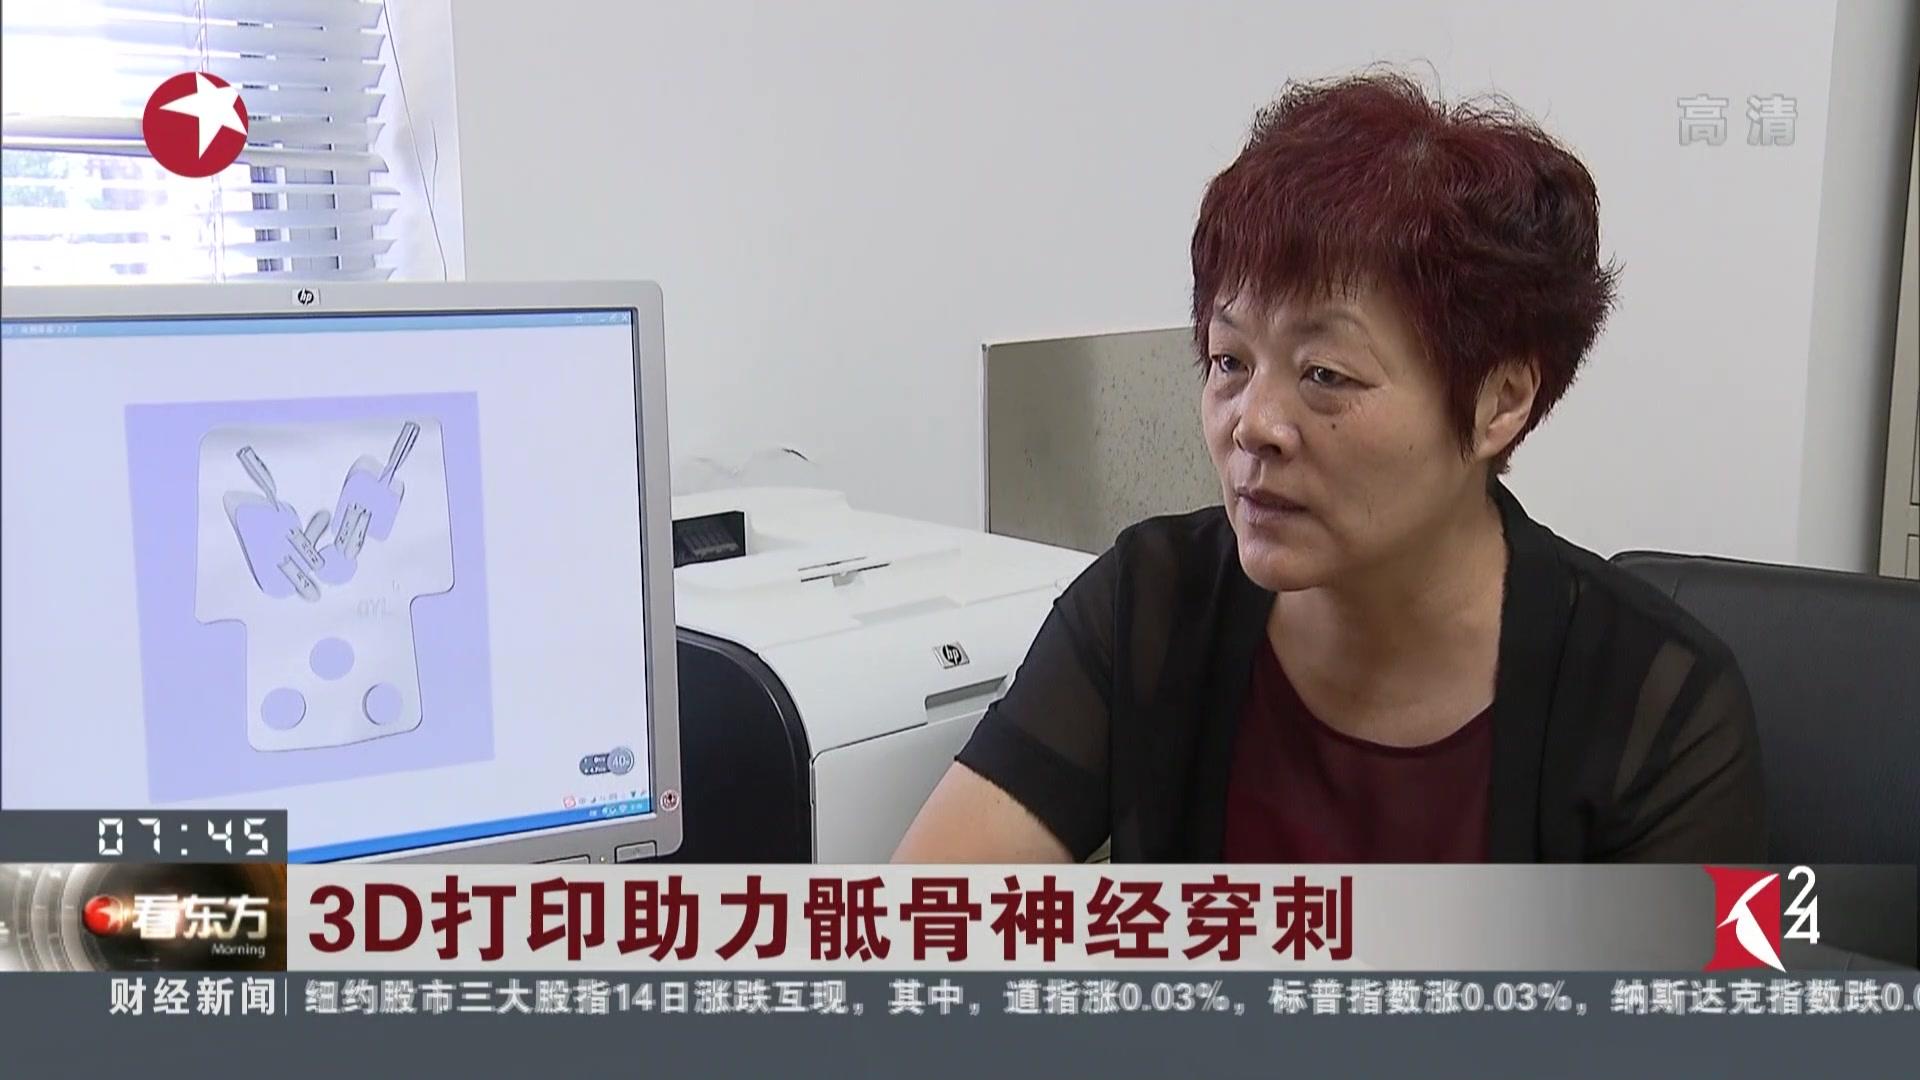 """3D打印助力骶骨神经穿刺:上海——仁济南院刷新""""神经源性膀胱""""诊疗亚洲记录"""